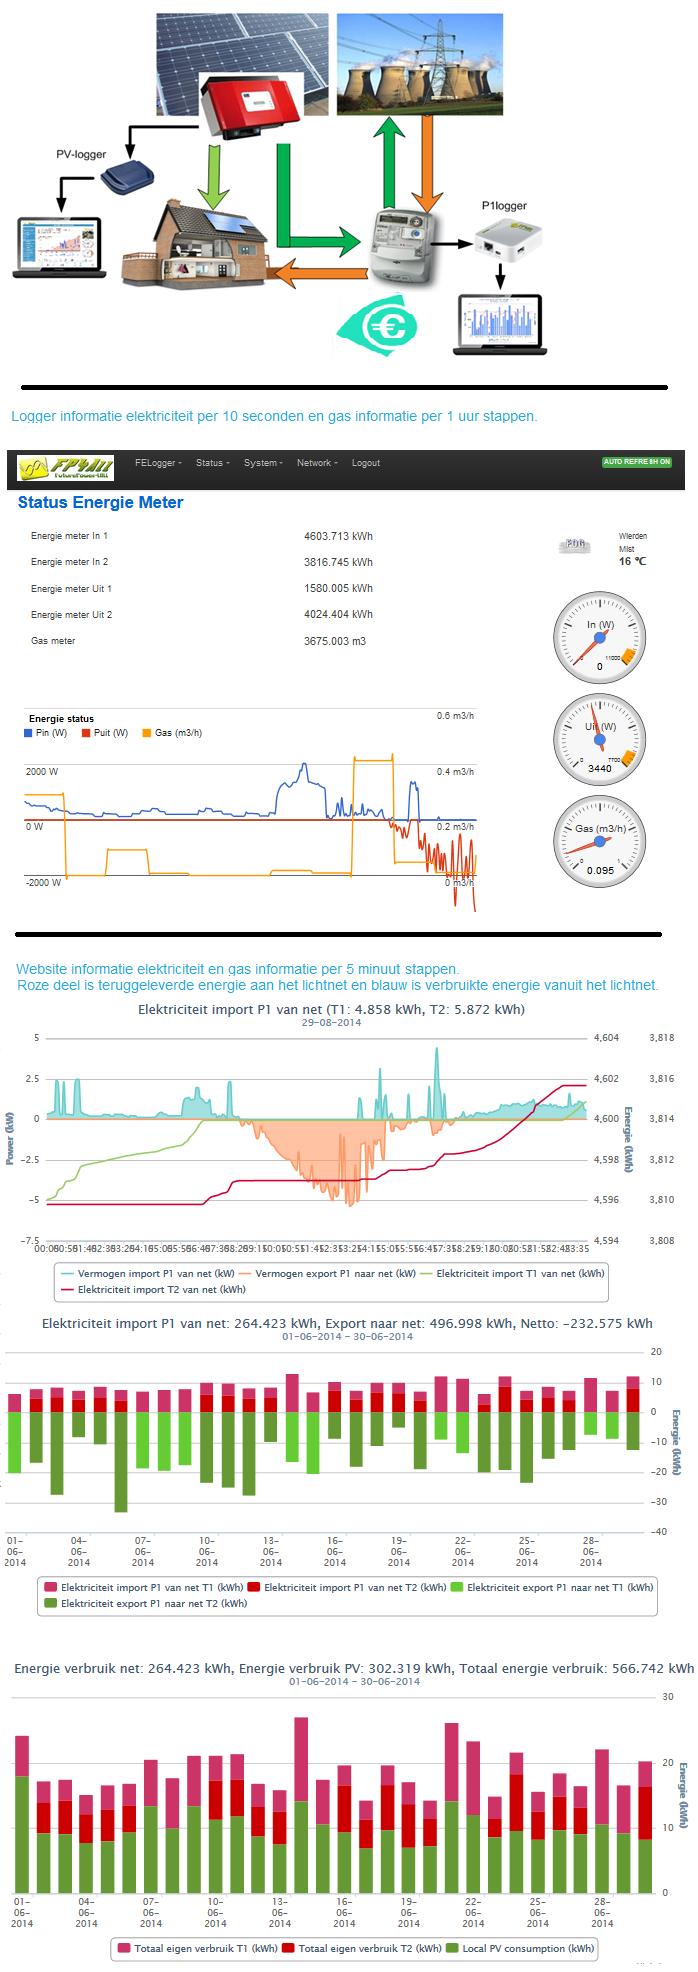 Energie-stromen-loggers-grafieken